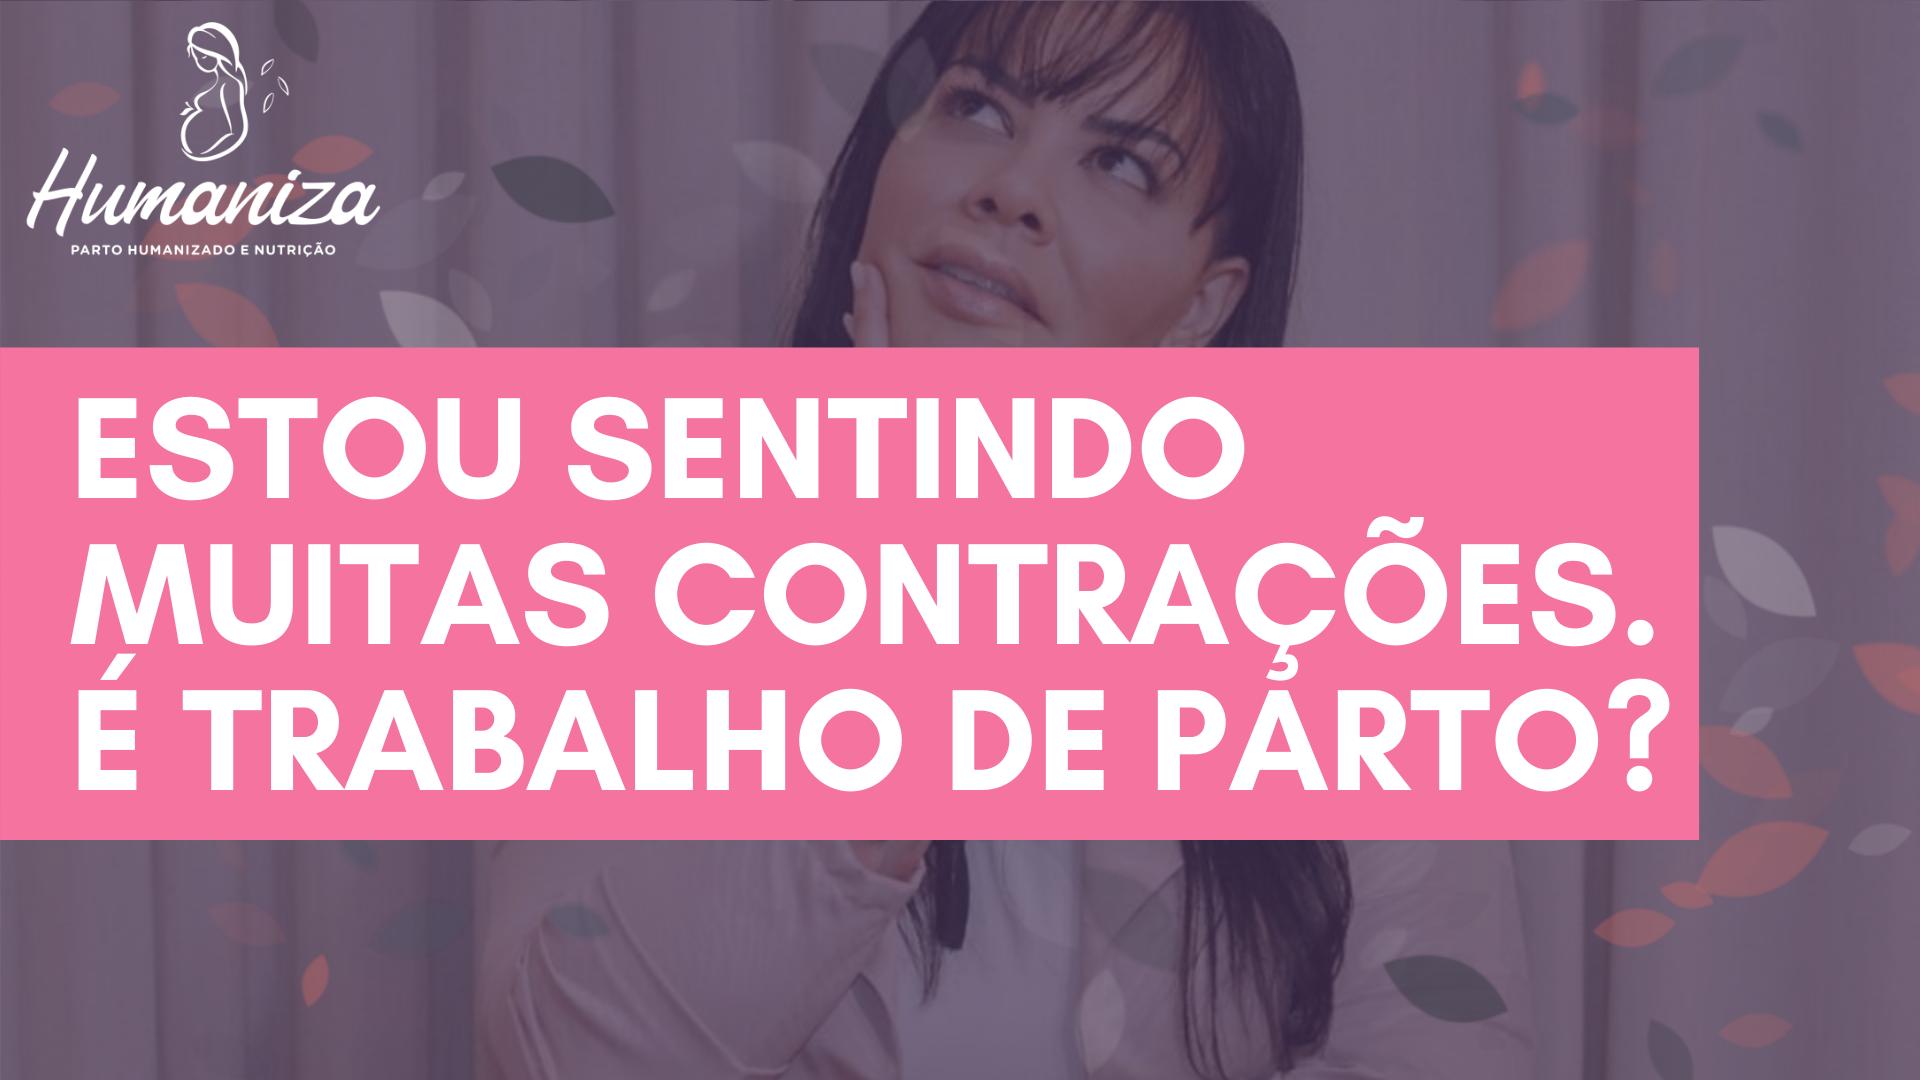 Estou sentindo muitas contrações -Melissa Martinelli - Humaniza Parto Humanizado em Brasília